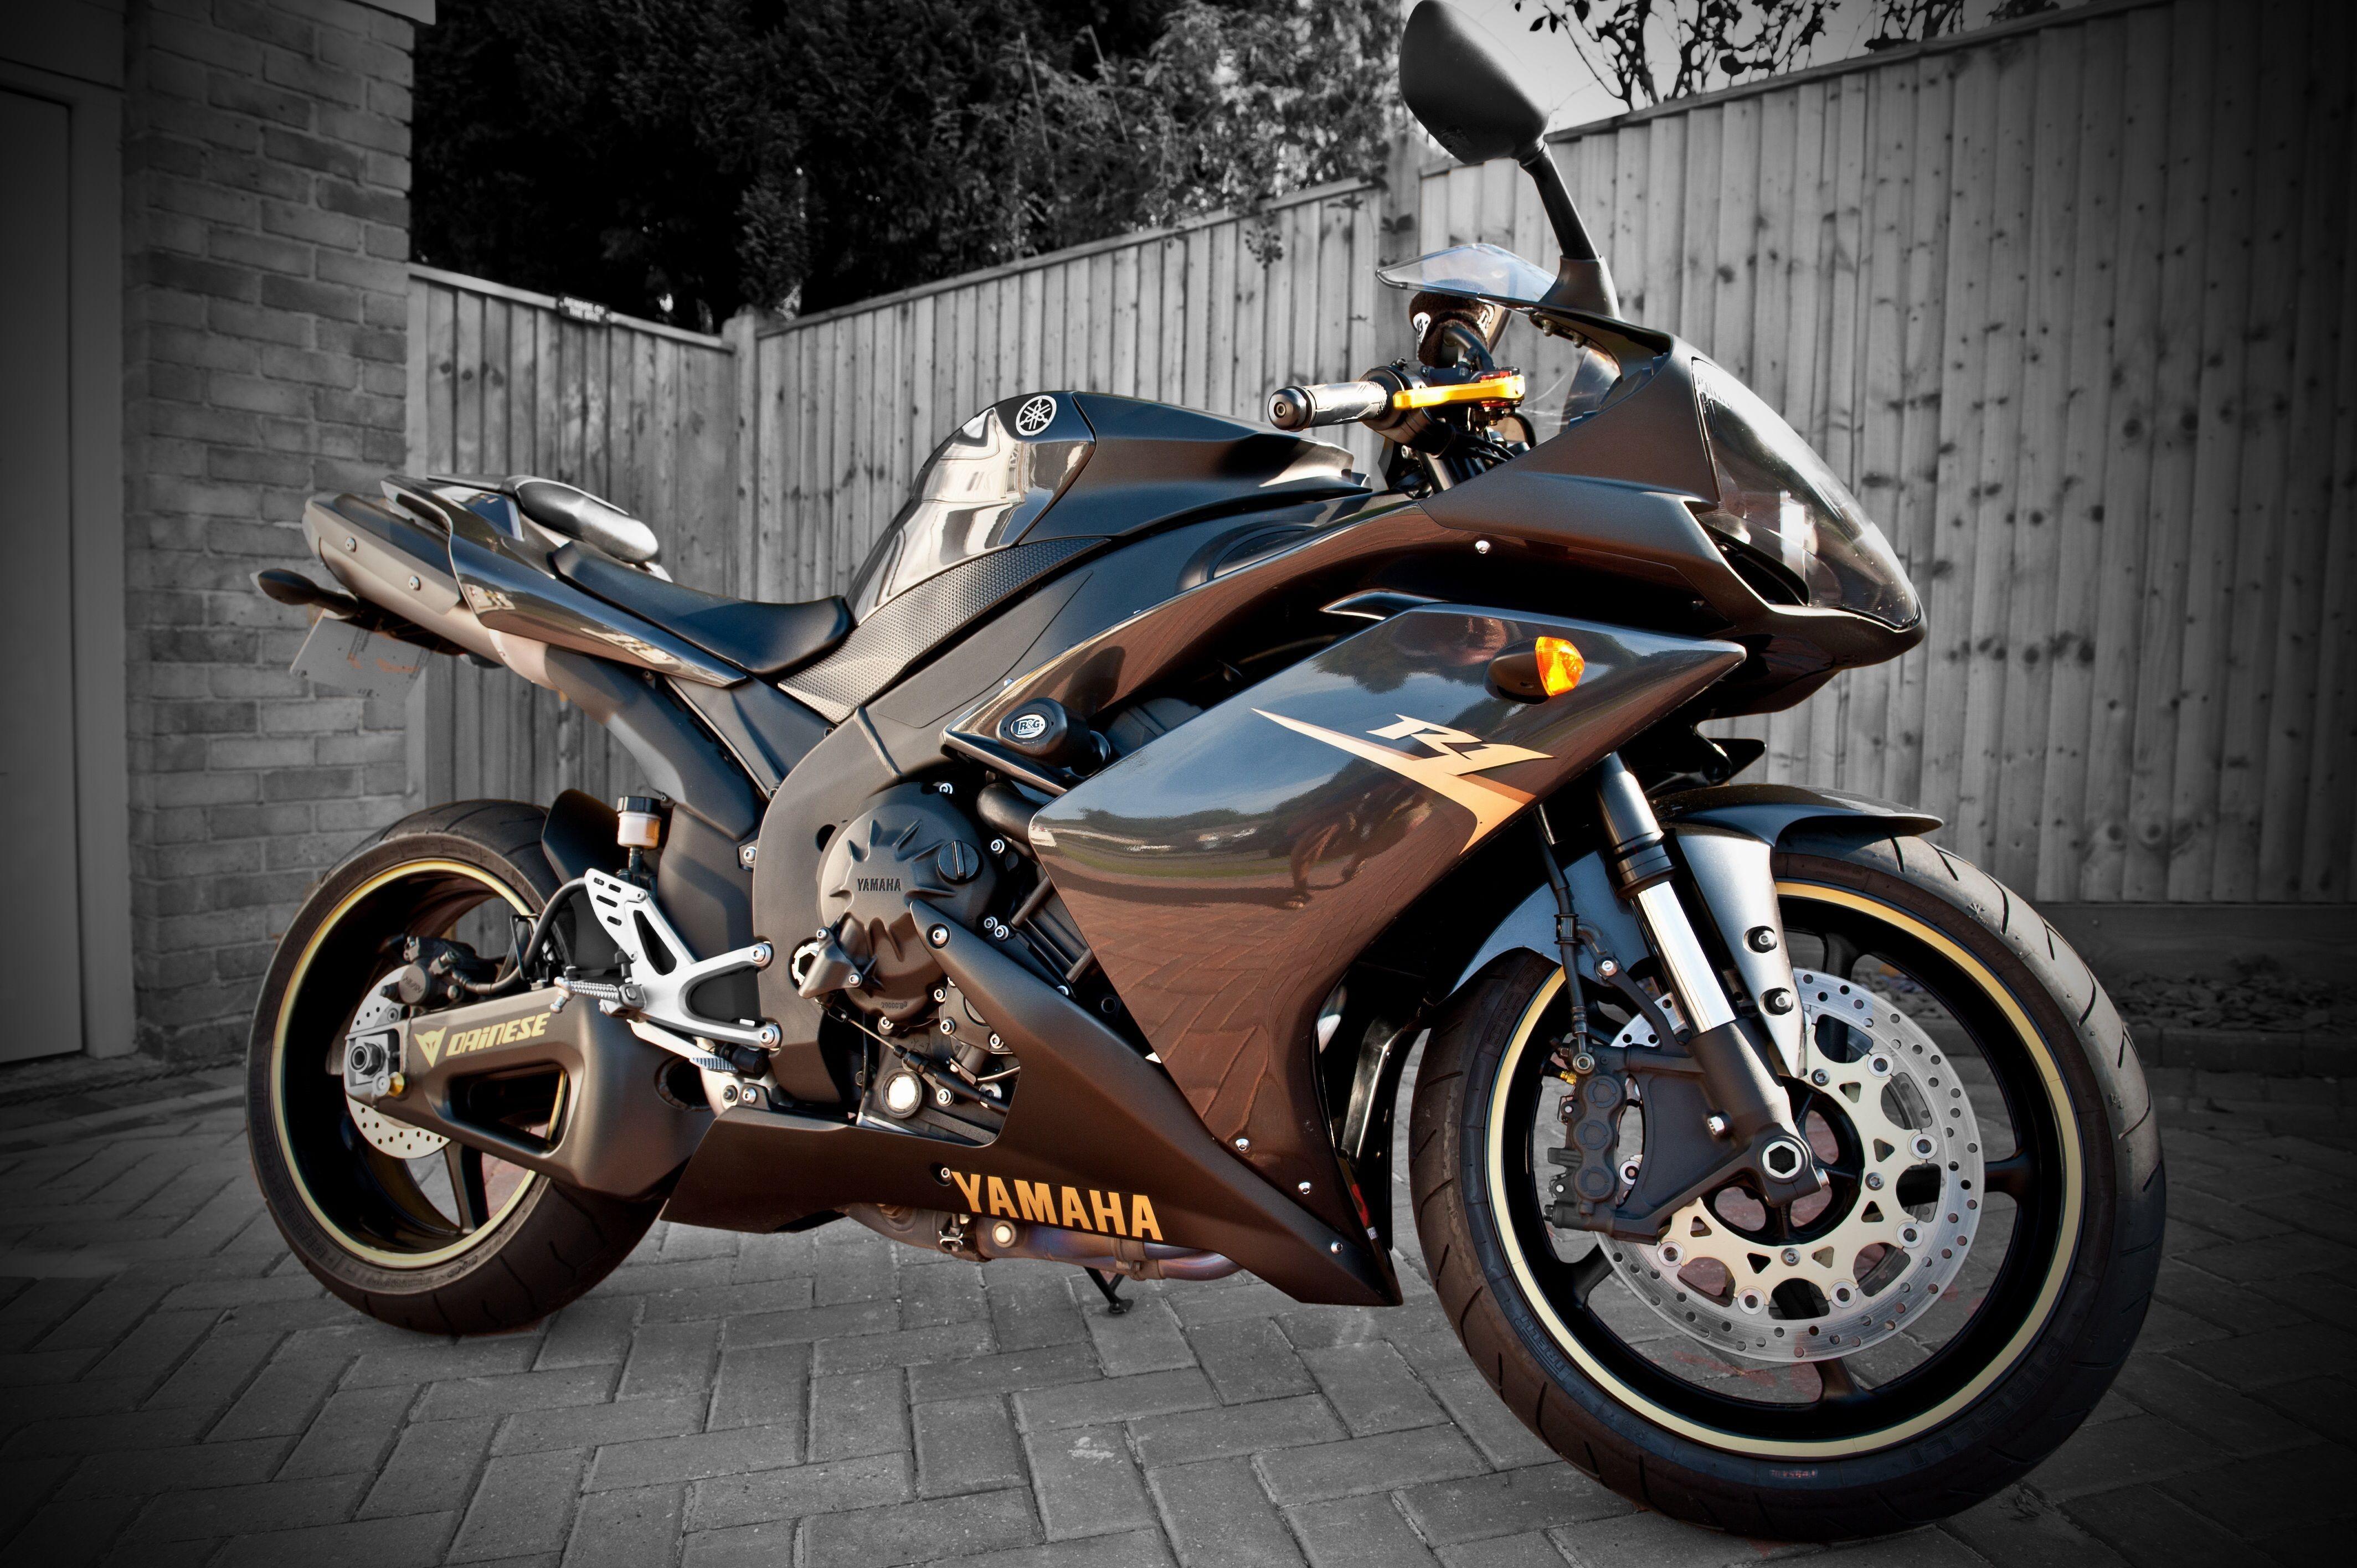 Yamaha Papercraft Motorcycle Yamaha Car Image Lovely Japan S Motorcycle Giant Yamaha Motor